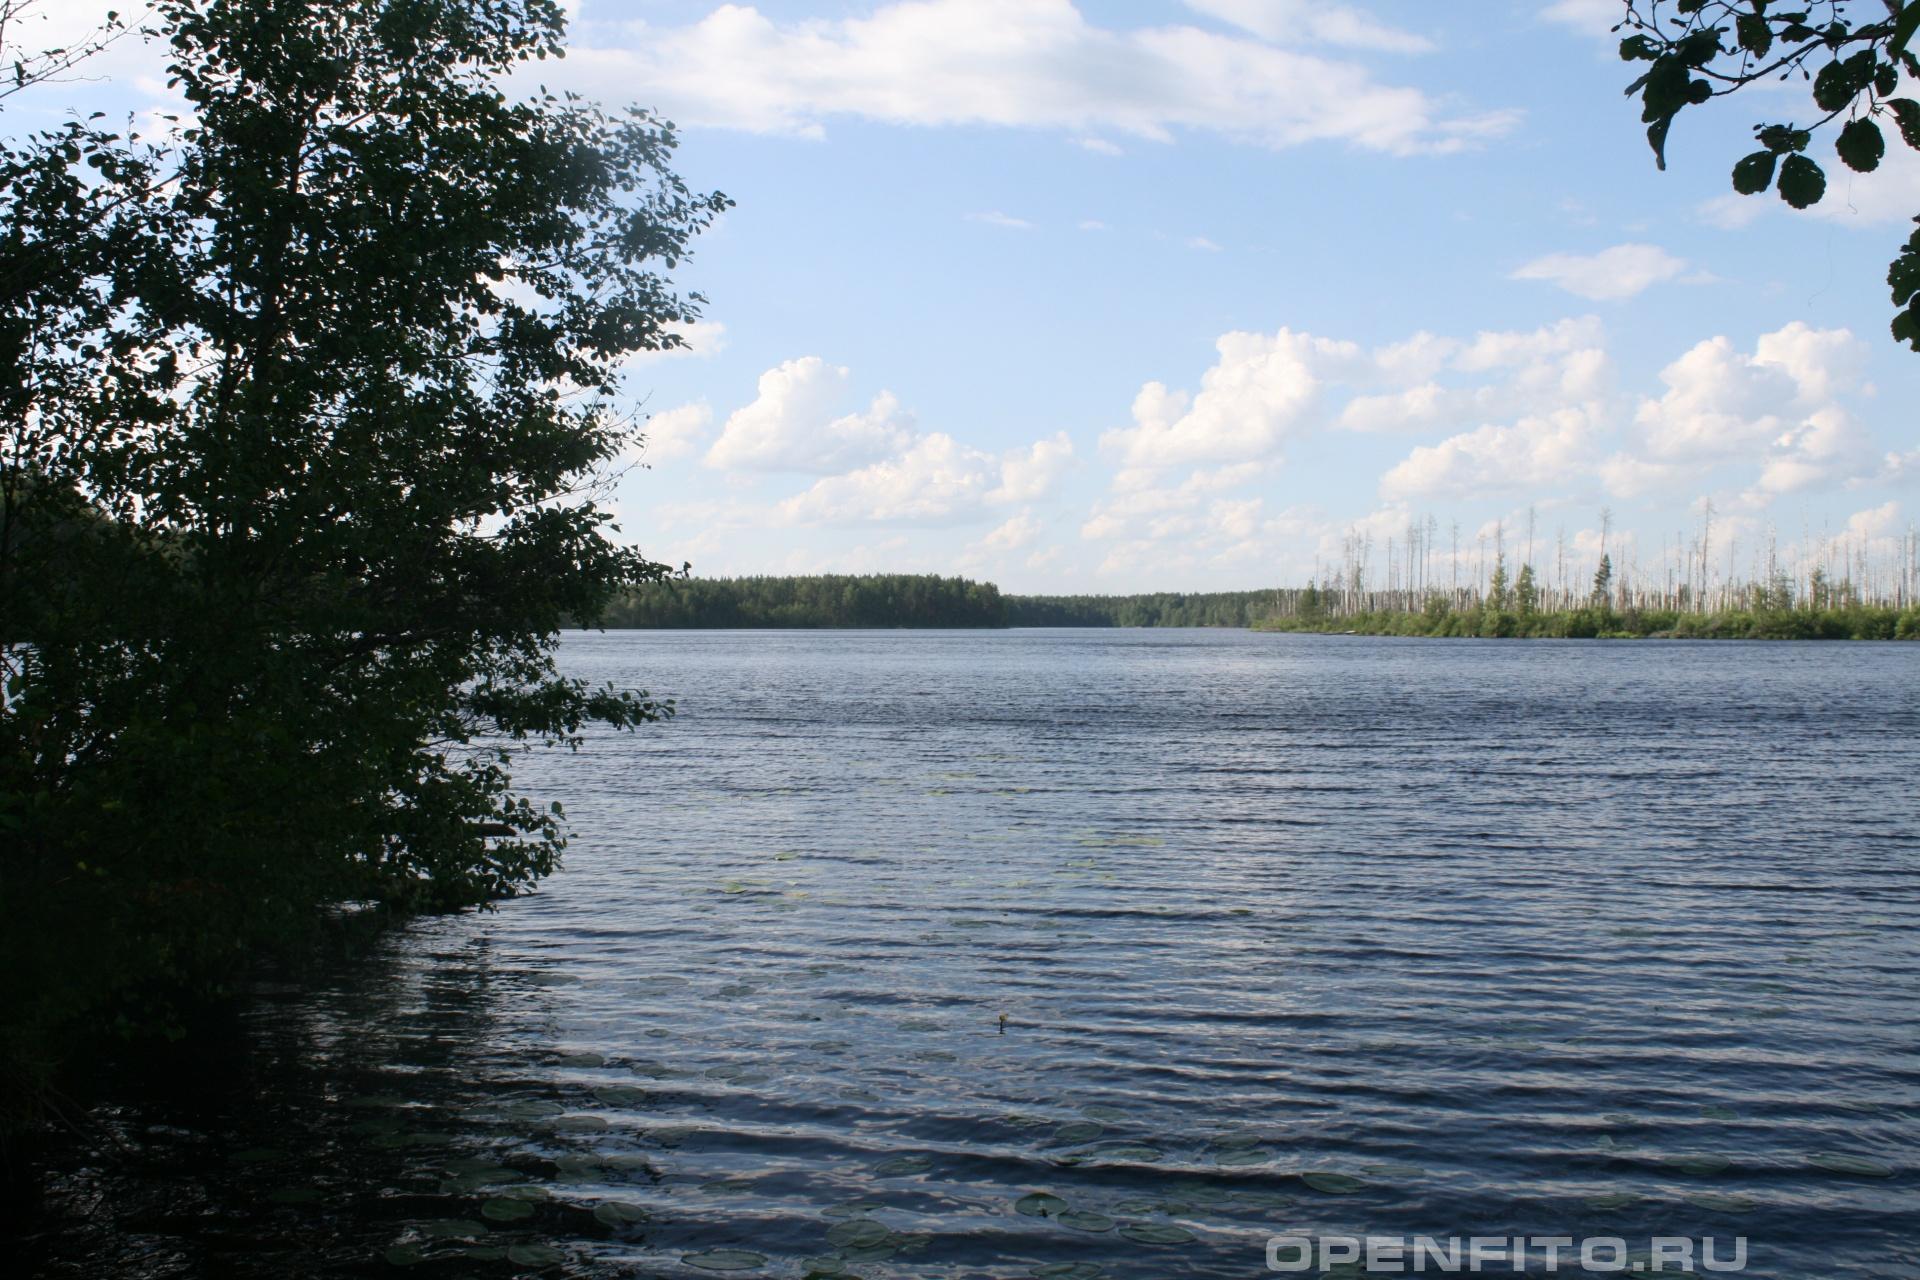 Озеро Поныхарь Южский район